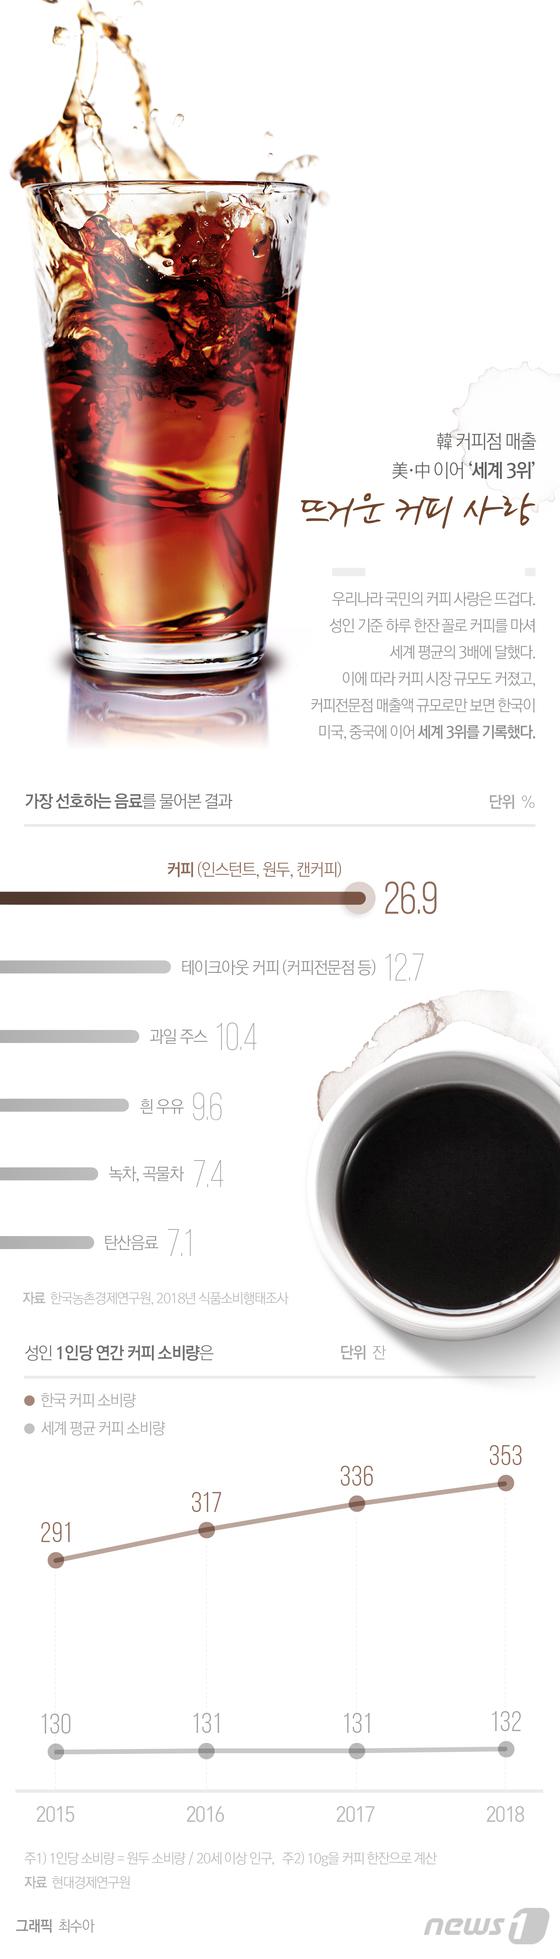 [그래픽뉴스] 韓 커피점 매출 \'세계 3위\'…뜨거운 커피 사랑